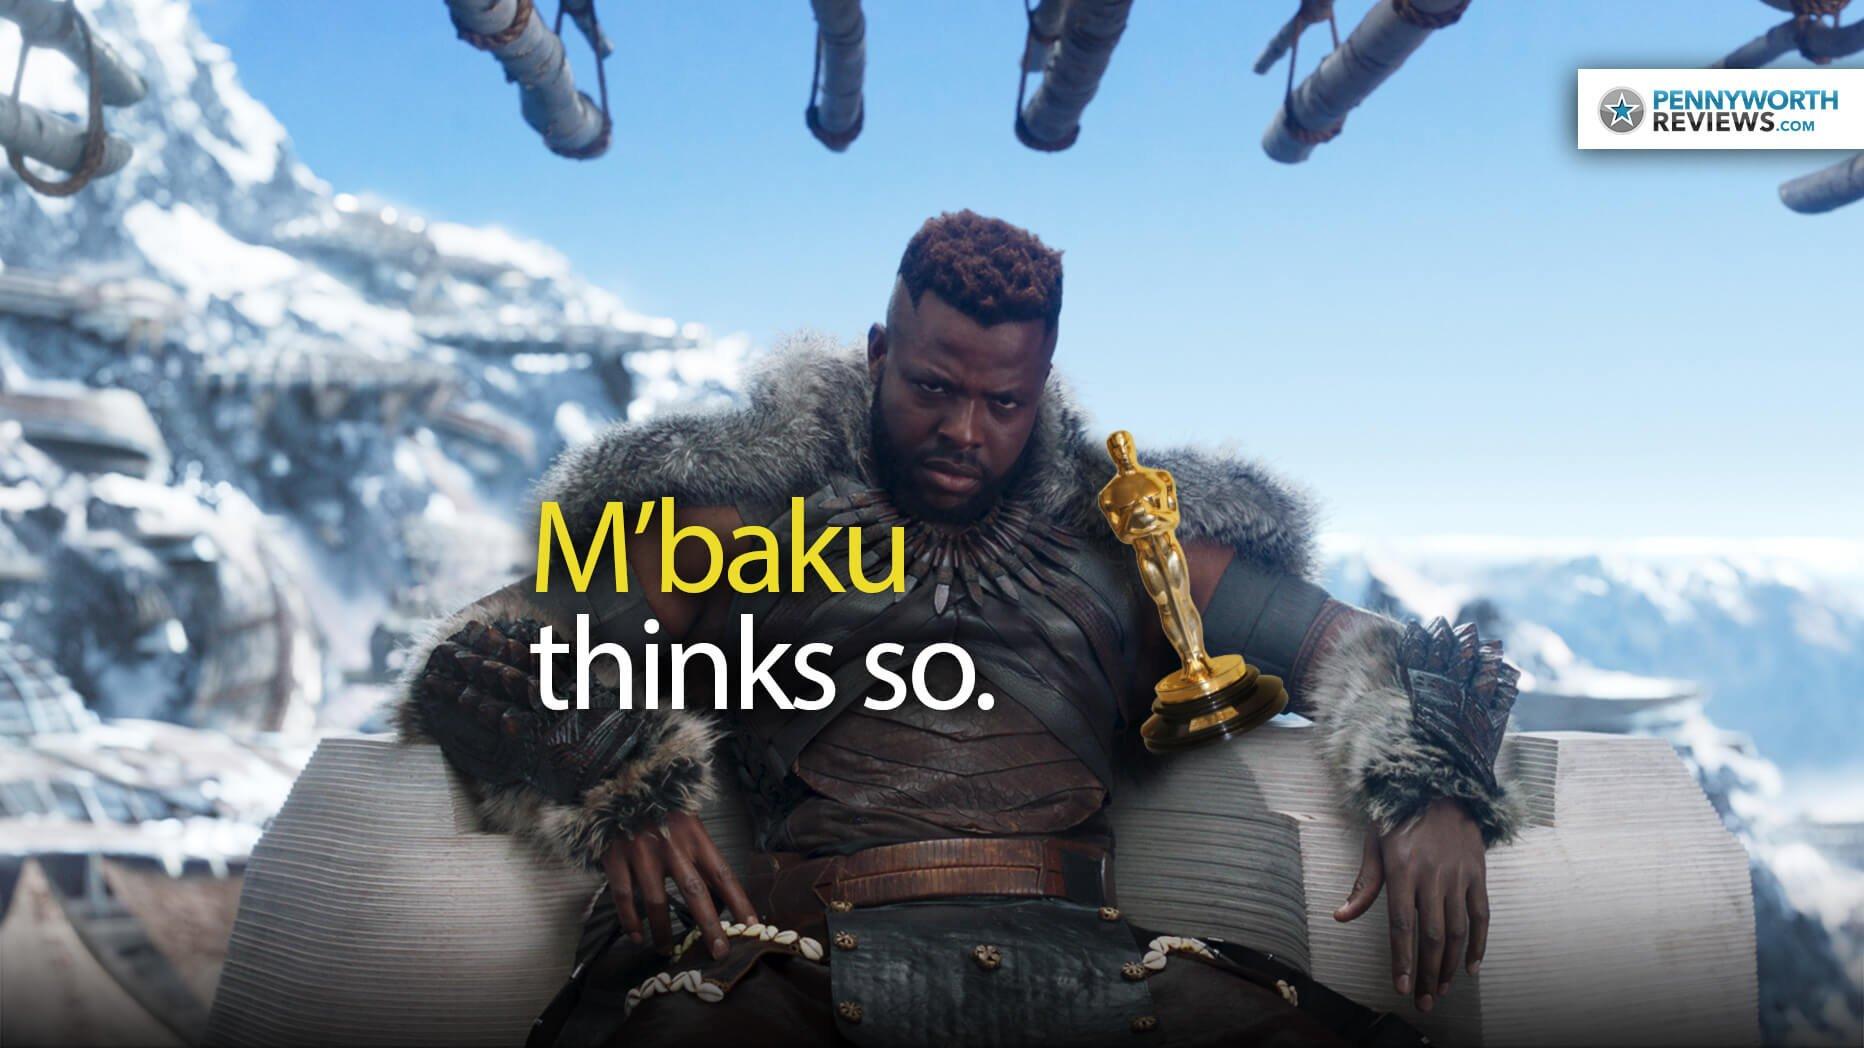 Does Black Panther Deserve A Best Film Oscar Nomination?